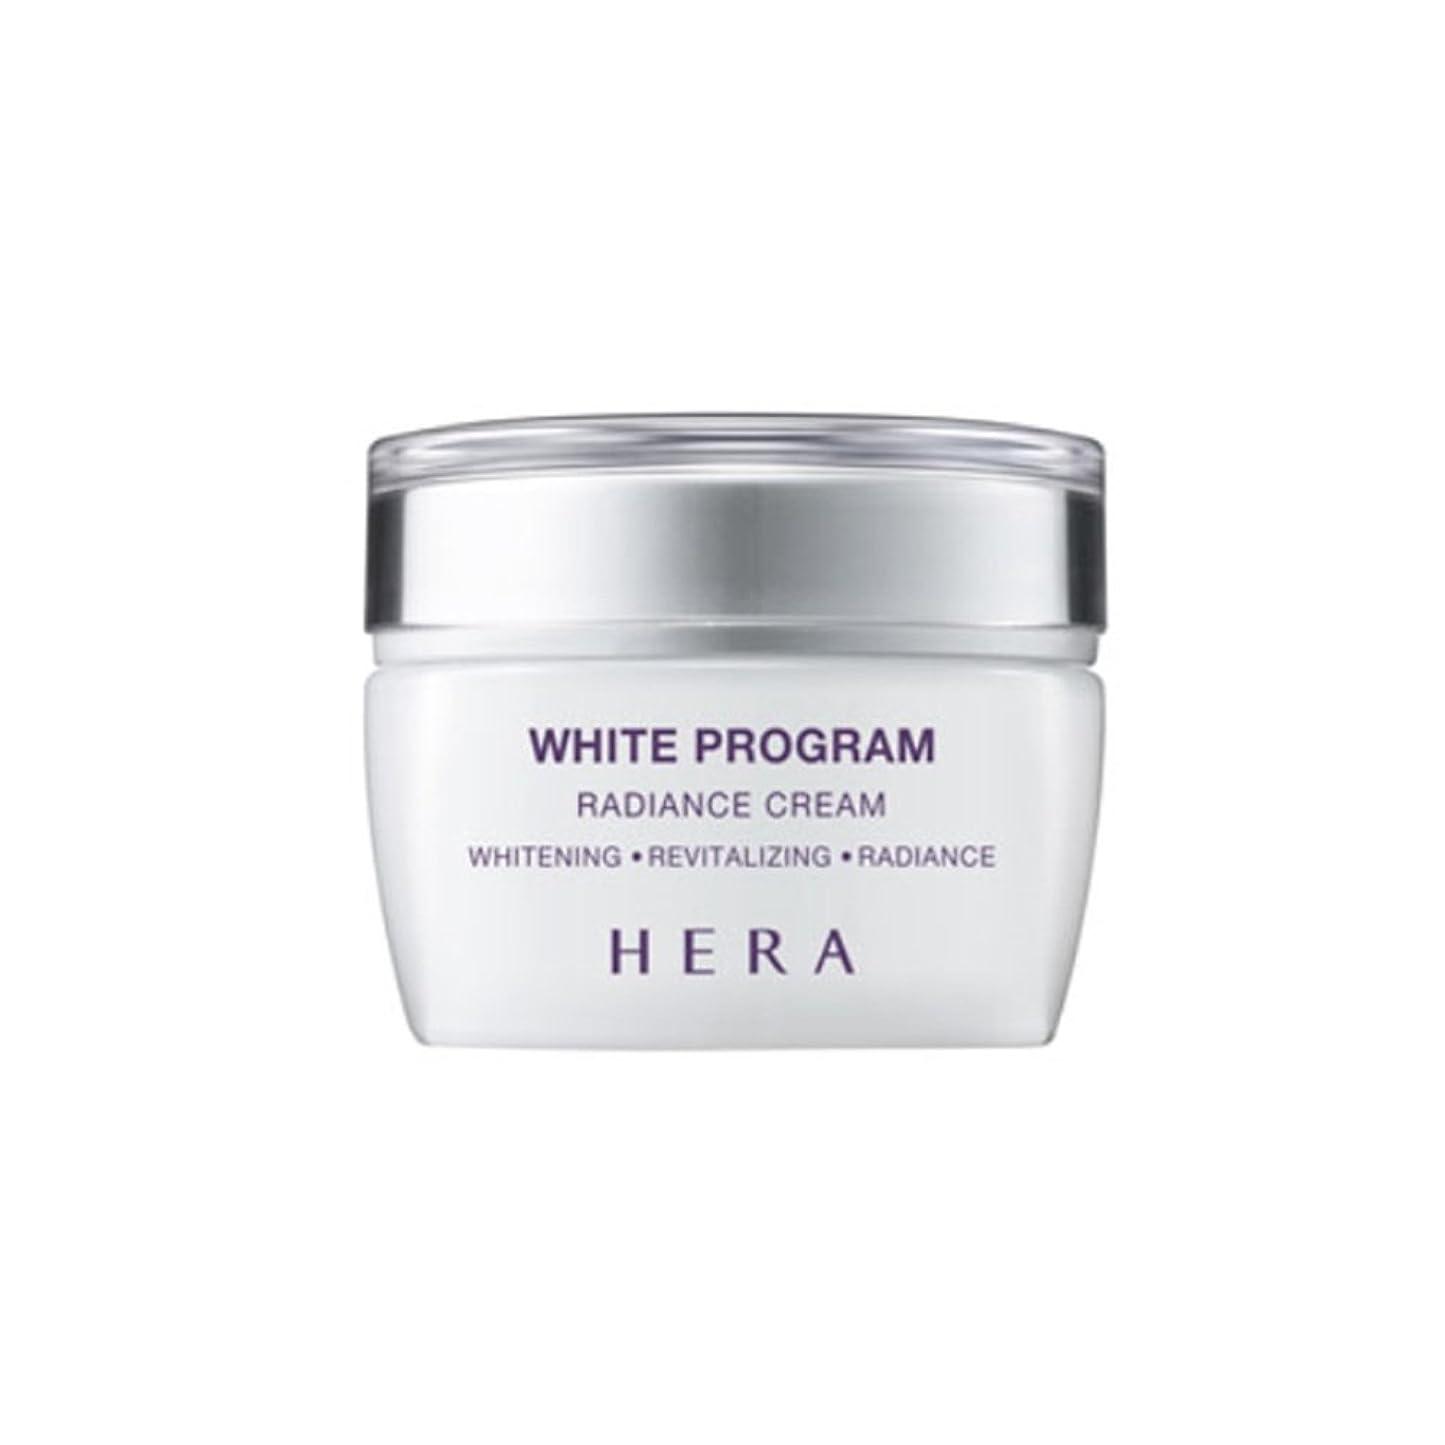 特性手がかり苦(ヘラ)HERA White Program Radiance Cream ホワイトプログラムラディアンス クリーム (韓国直送品) OOPSPANDA